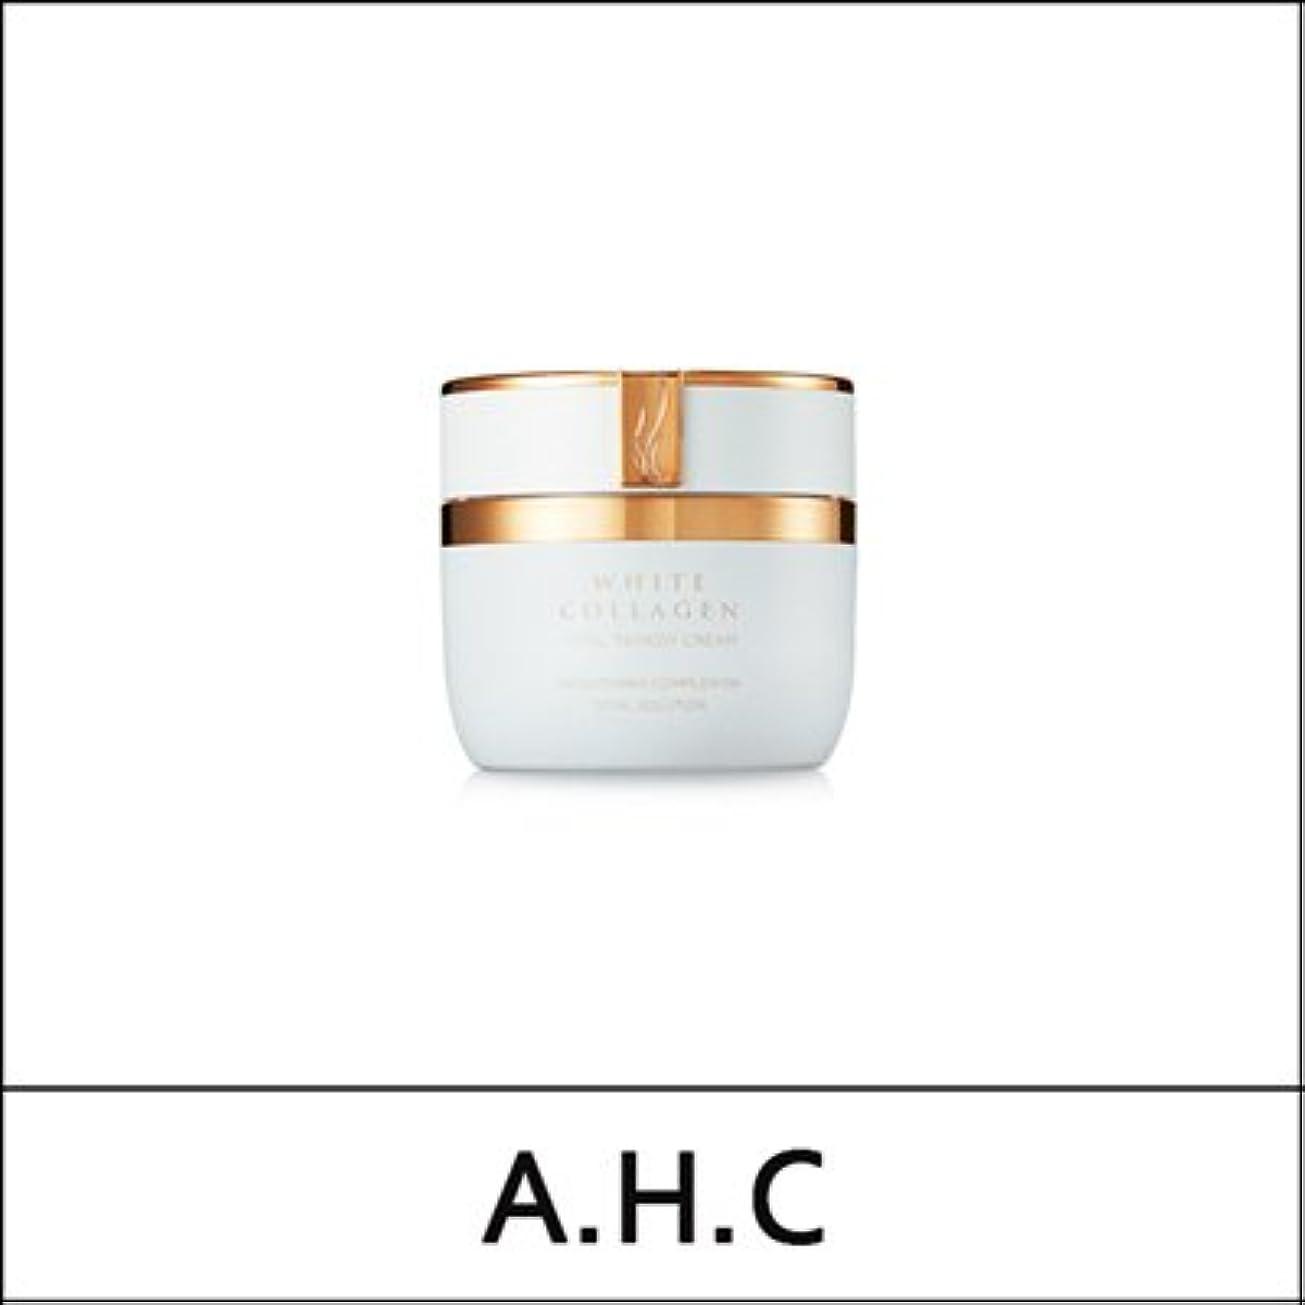 仕立て屋委託最適A.H.C (AHC) White Collagen Total Remedy Cream 50g/A.H.C ホワイト コラーゲン トータル レミディ クリーム 50g [並行輸入品]